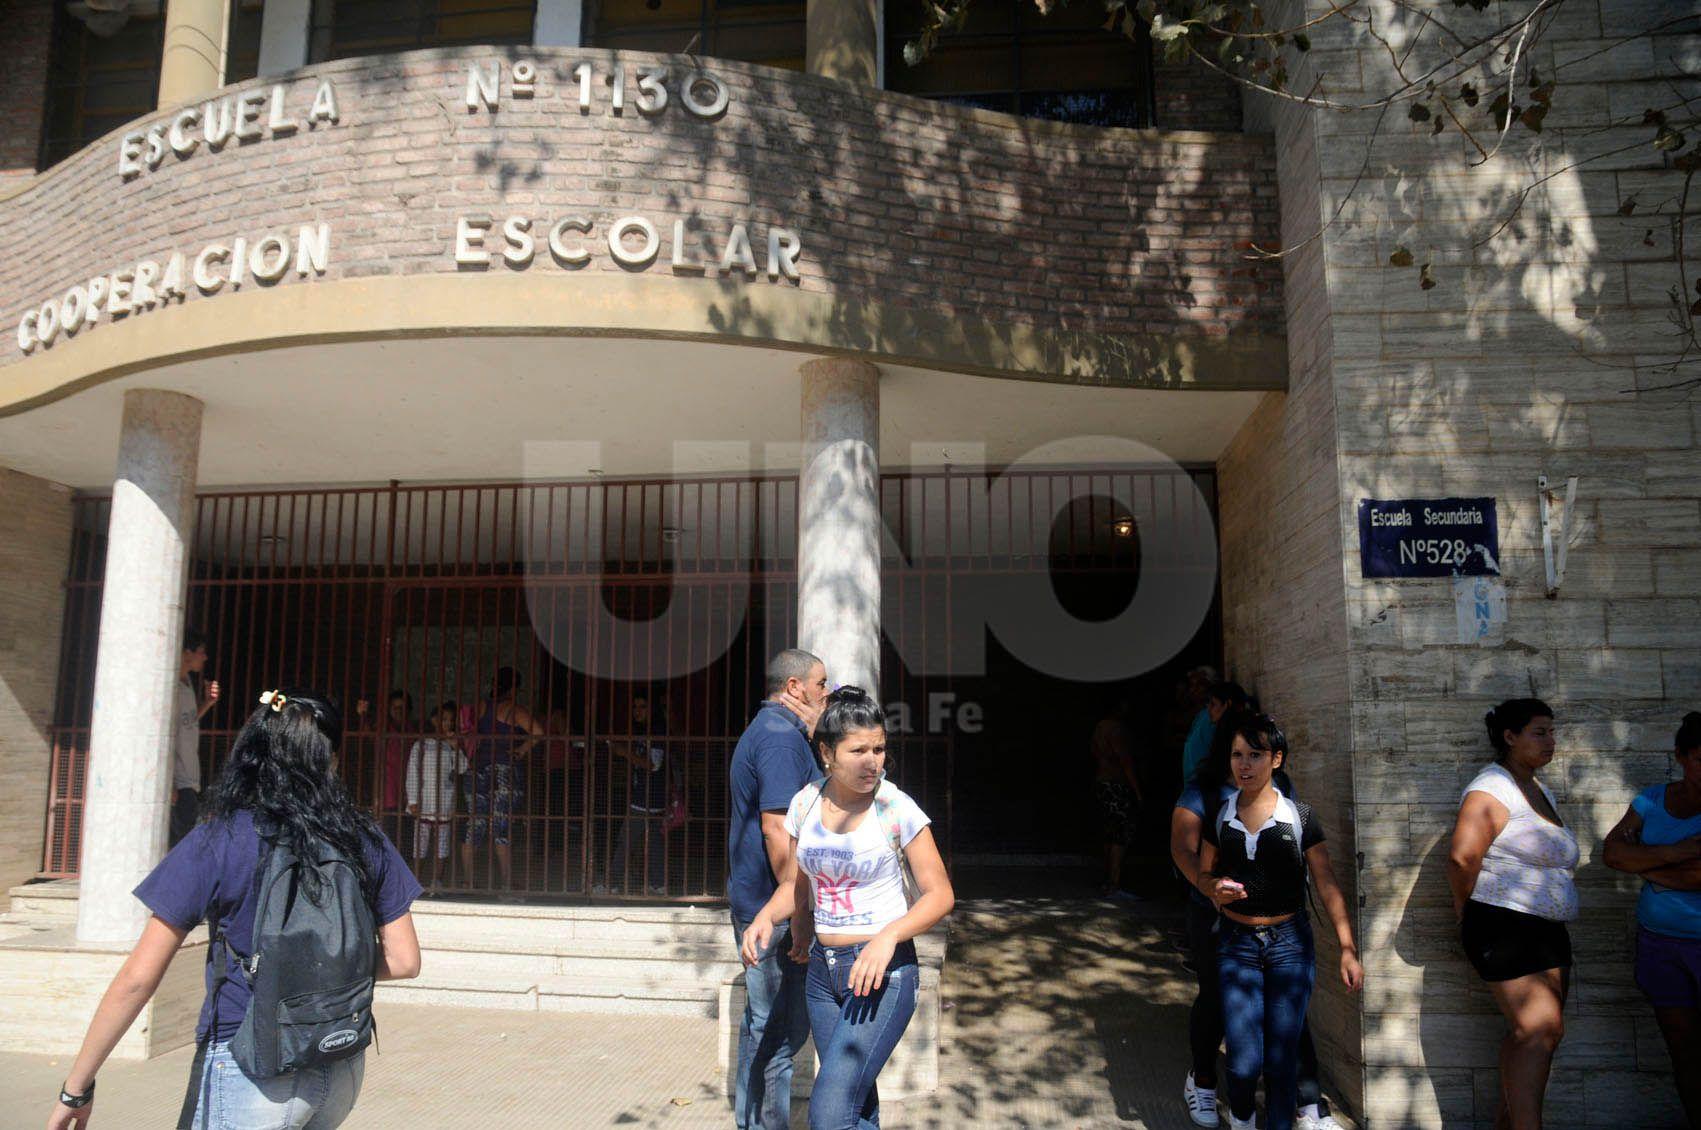 Dos escuelas piden un patrullero en la puerta para evitar tiroteos en la zona